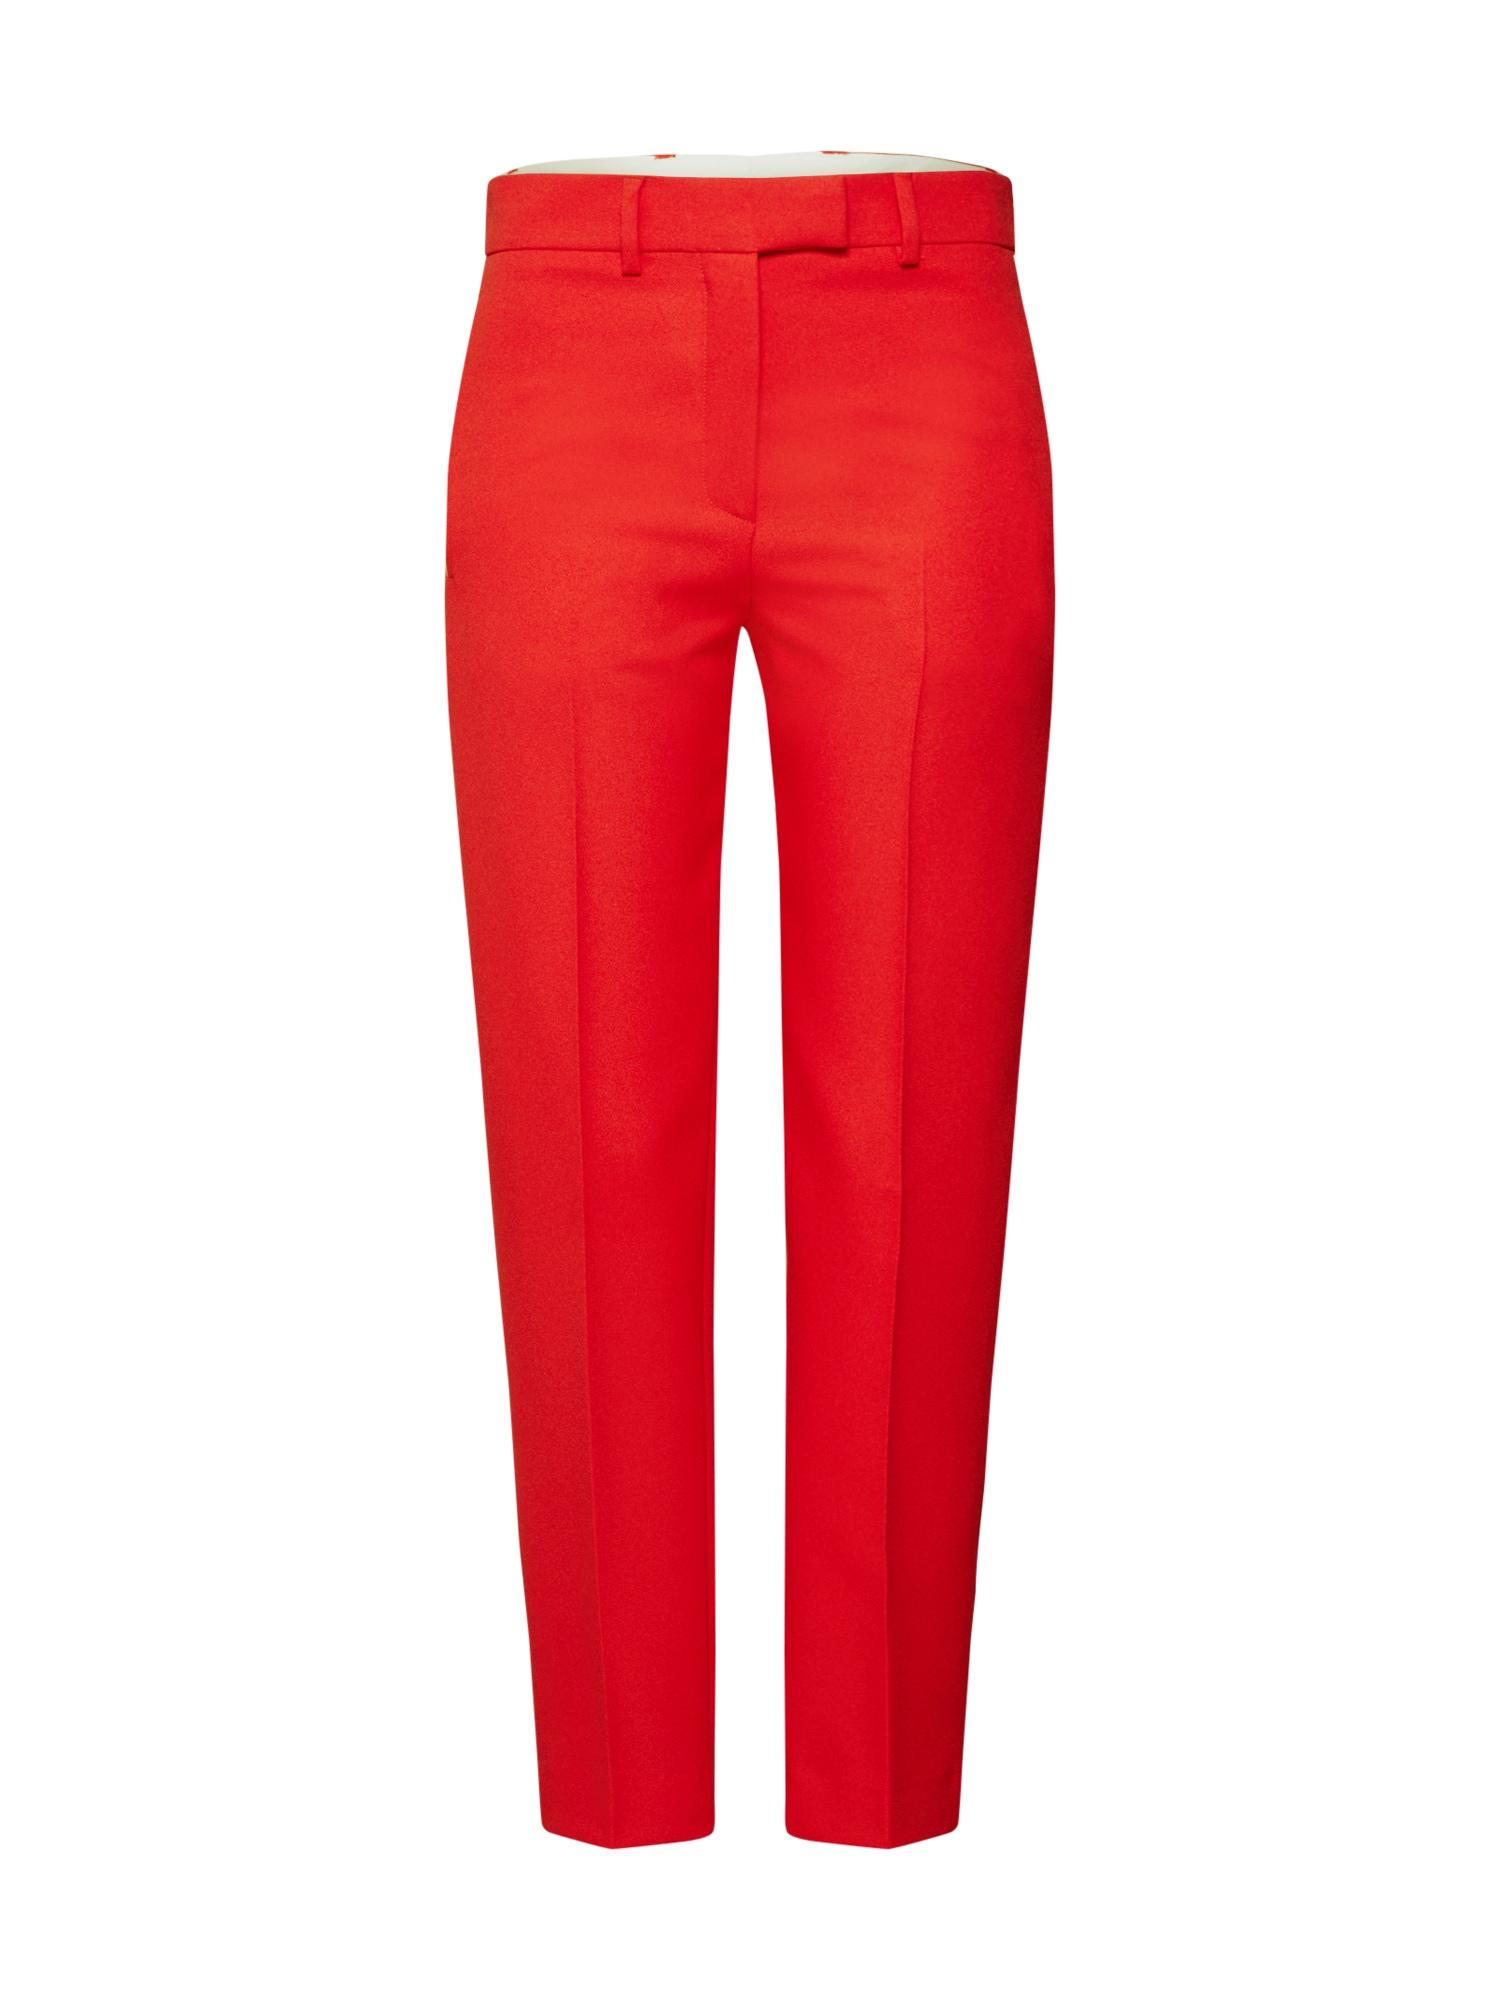 Kalhoty s puky UNIFORM TWILL CIGARETTE PANT červená Calvin Klein